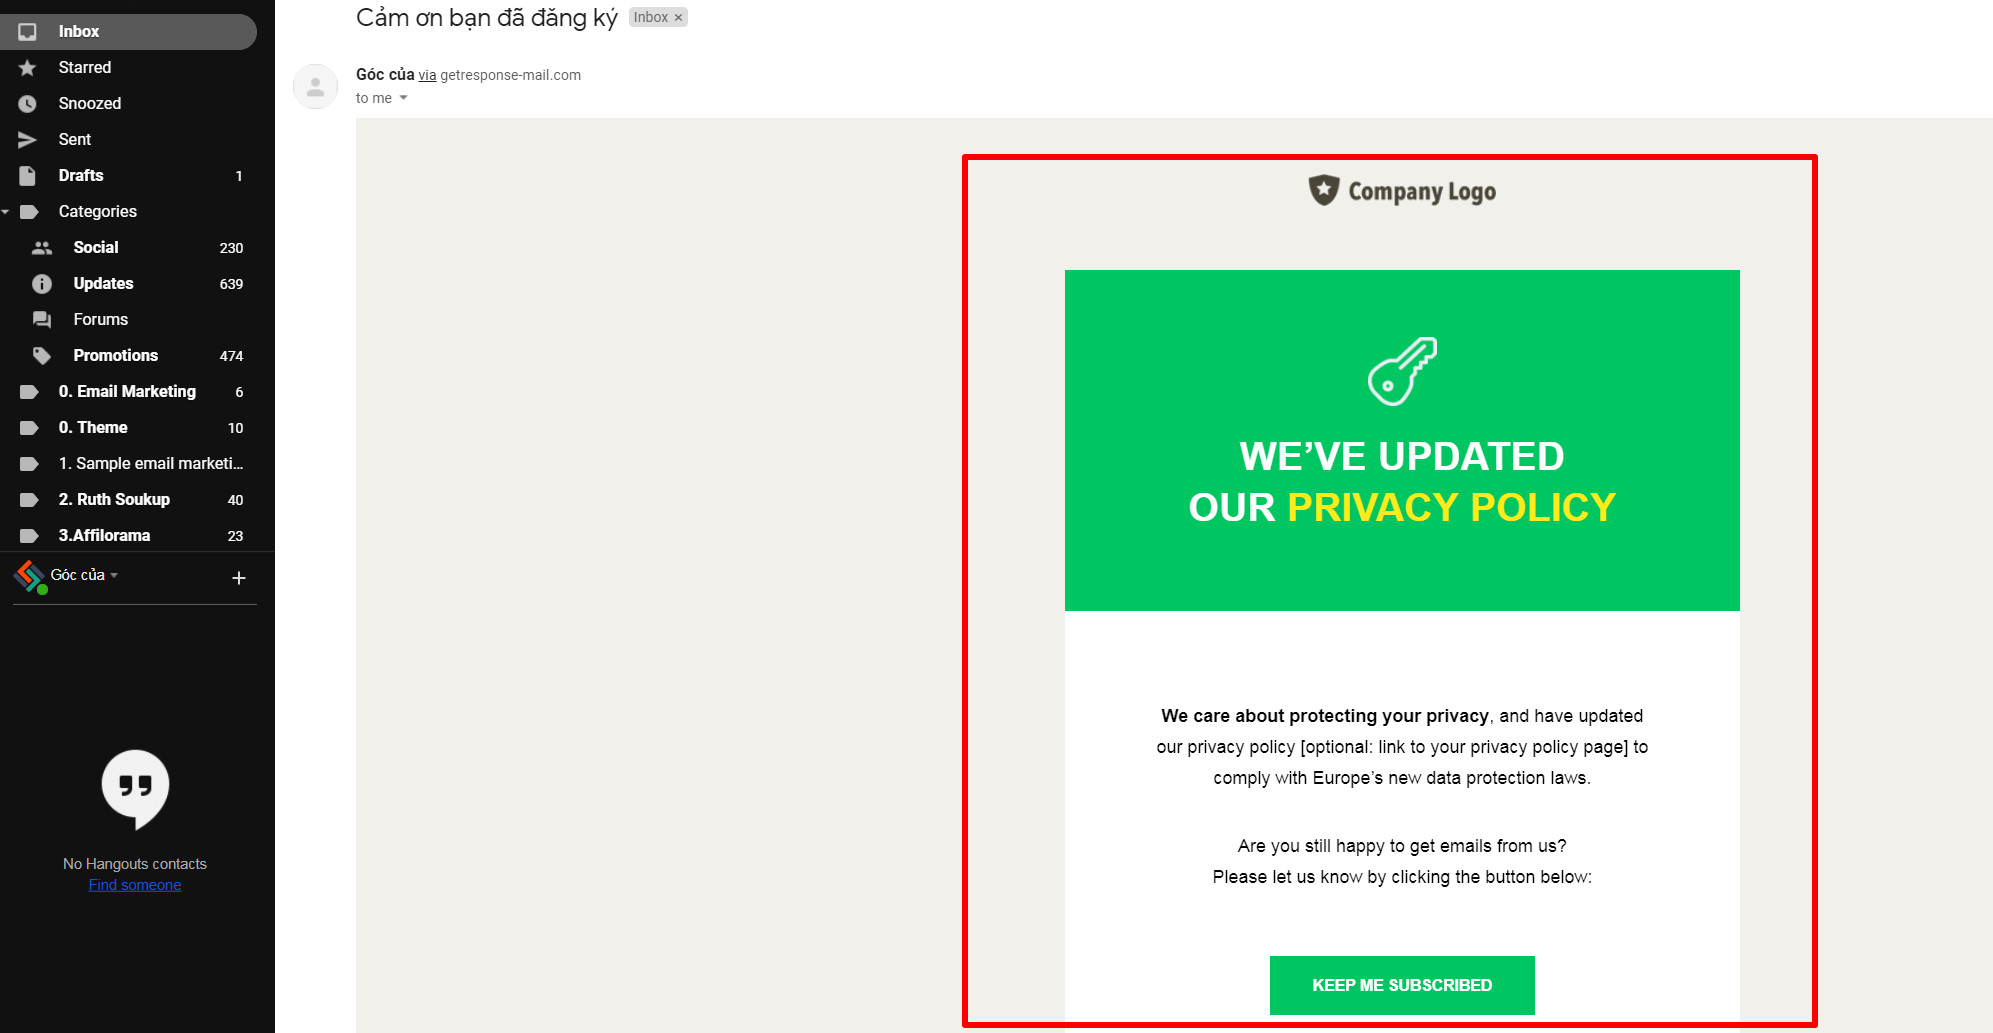 Email getresponse mầu hoàn chỉnh